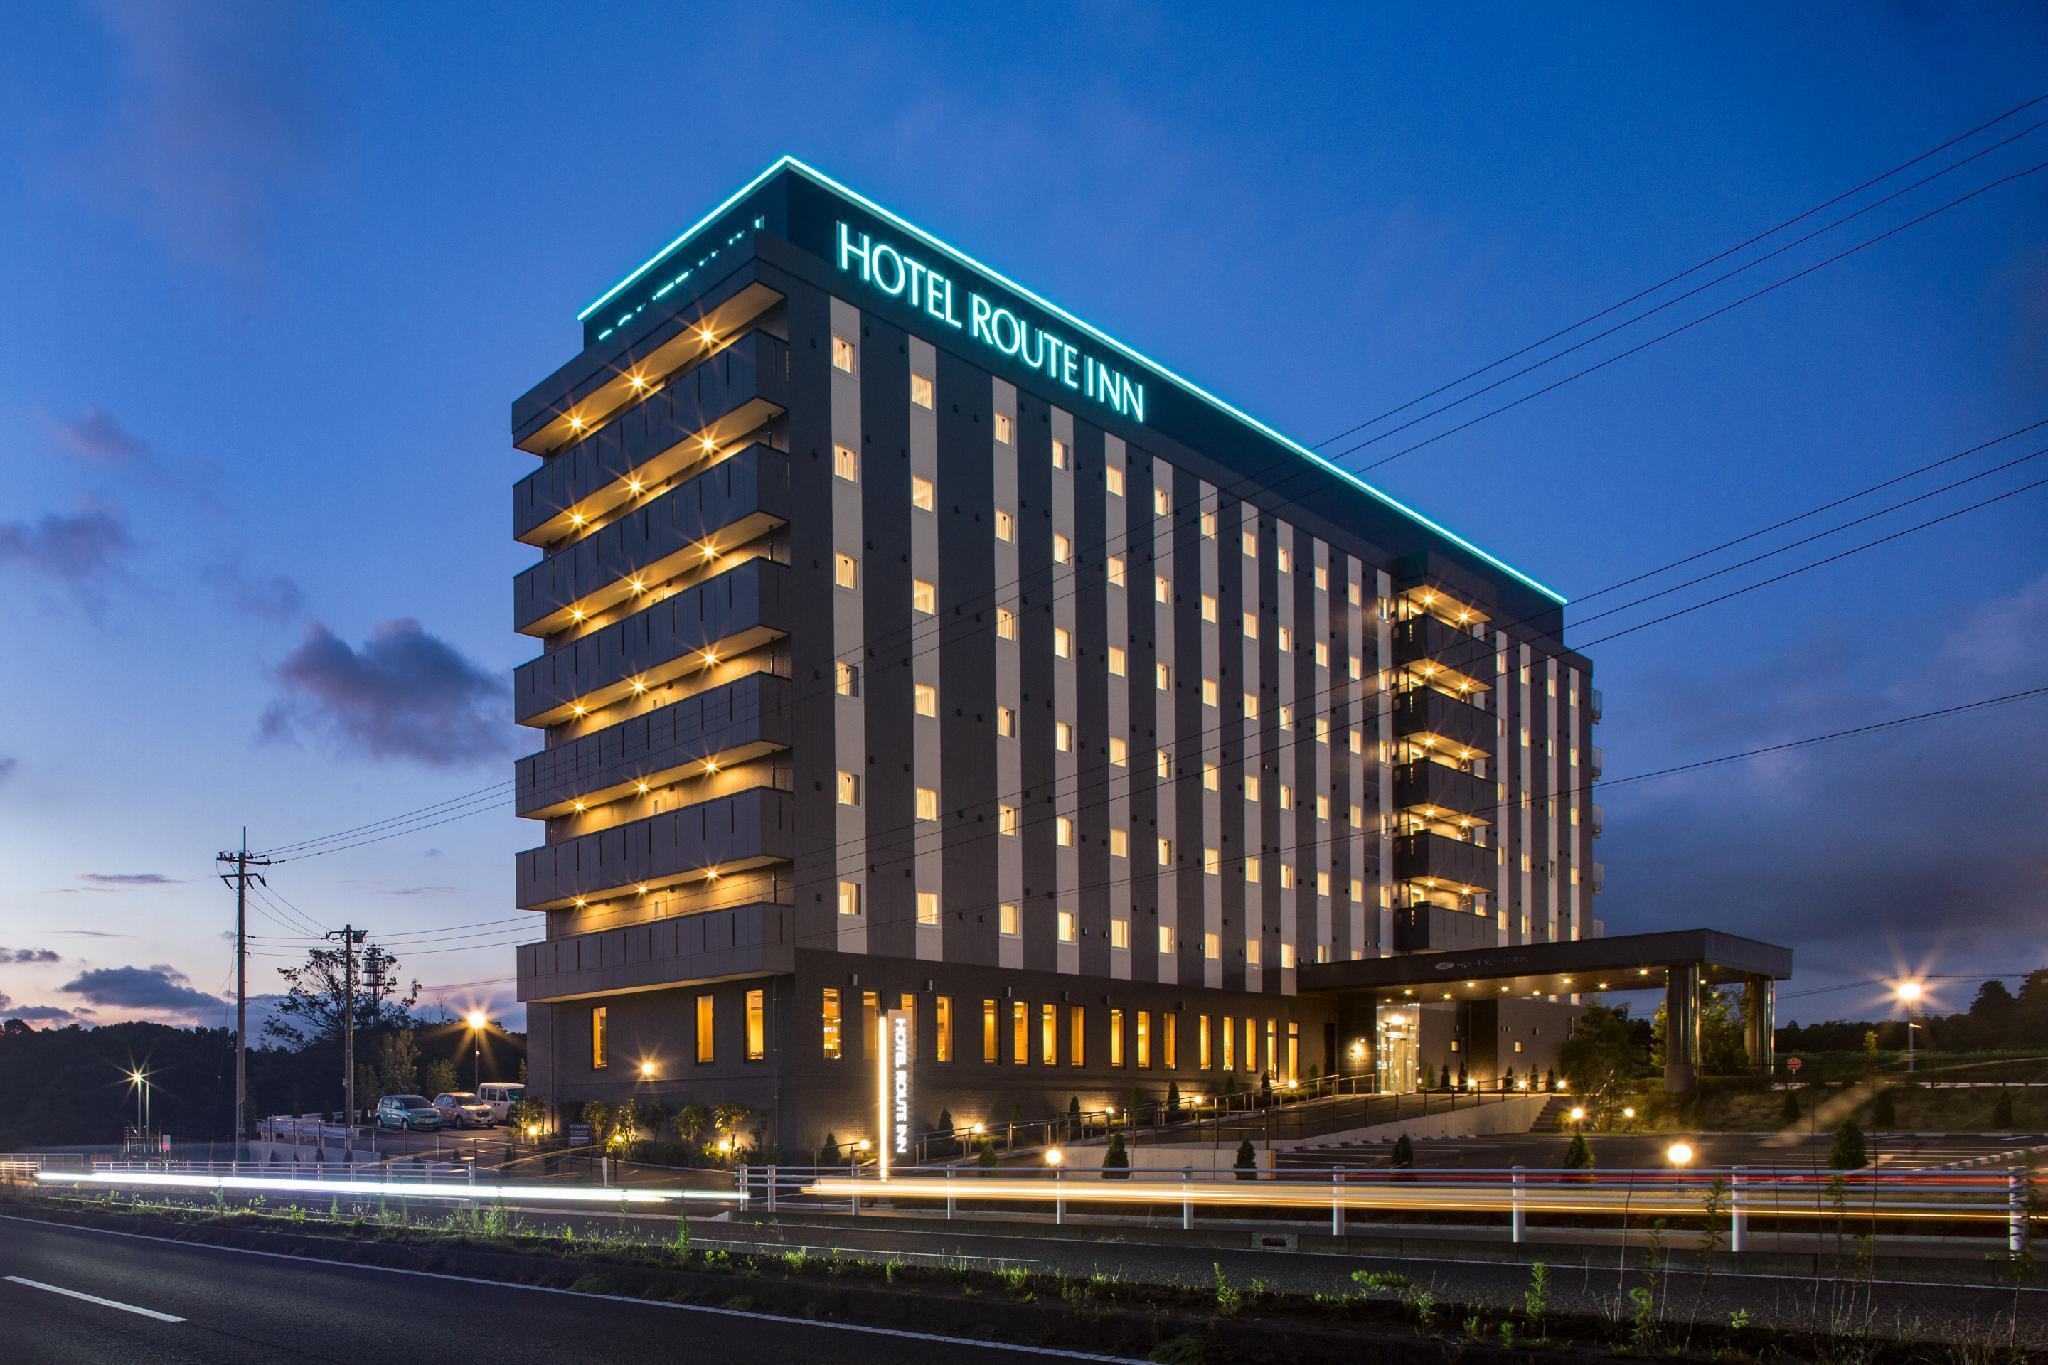 Hotel Route Inn Kashiwa Minami - Kokudo 16Gou Zoi